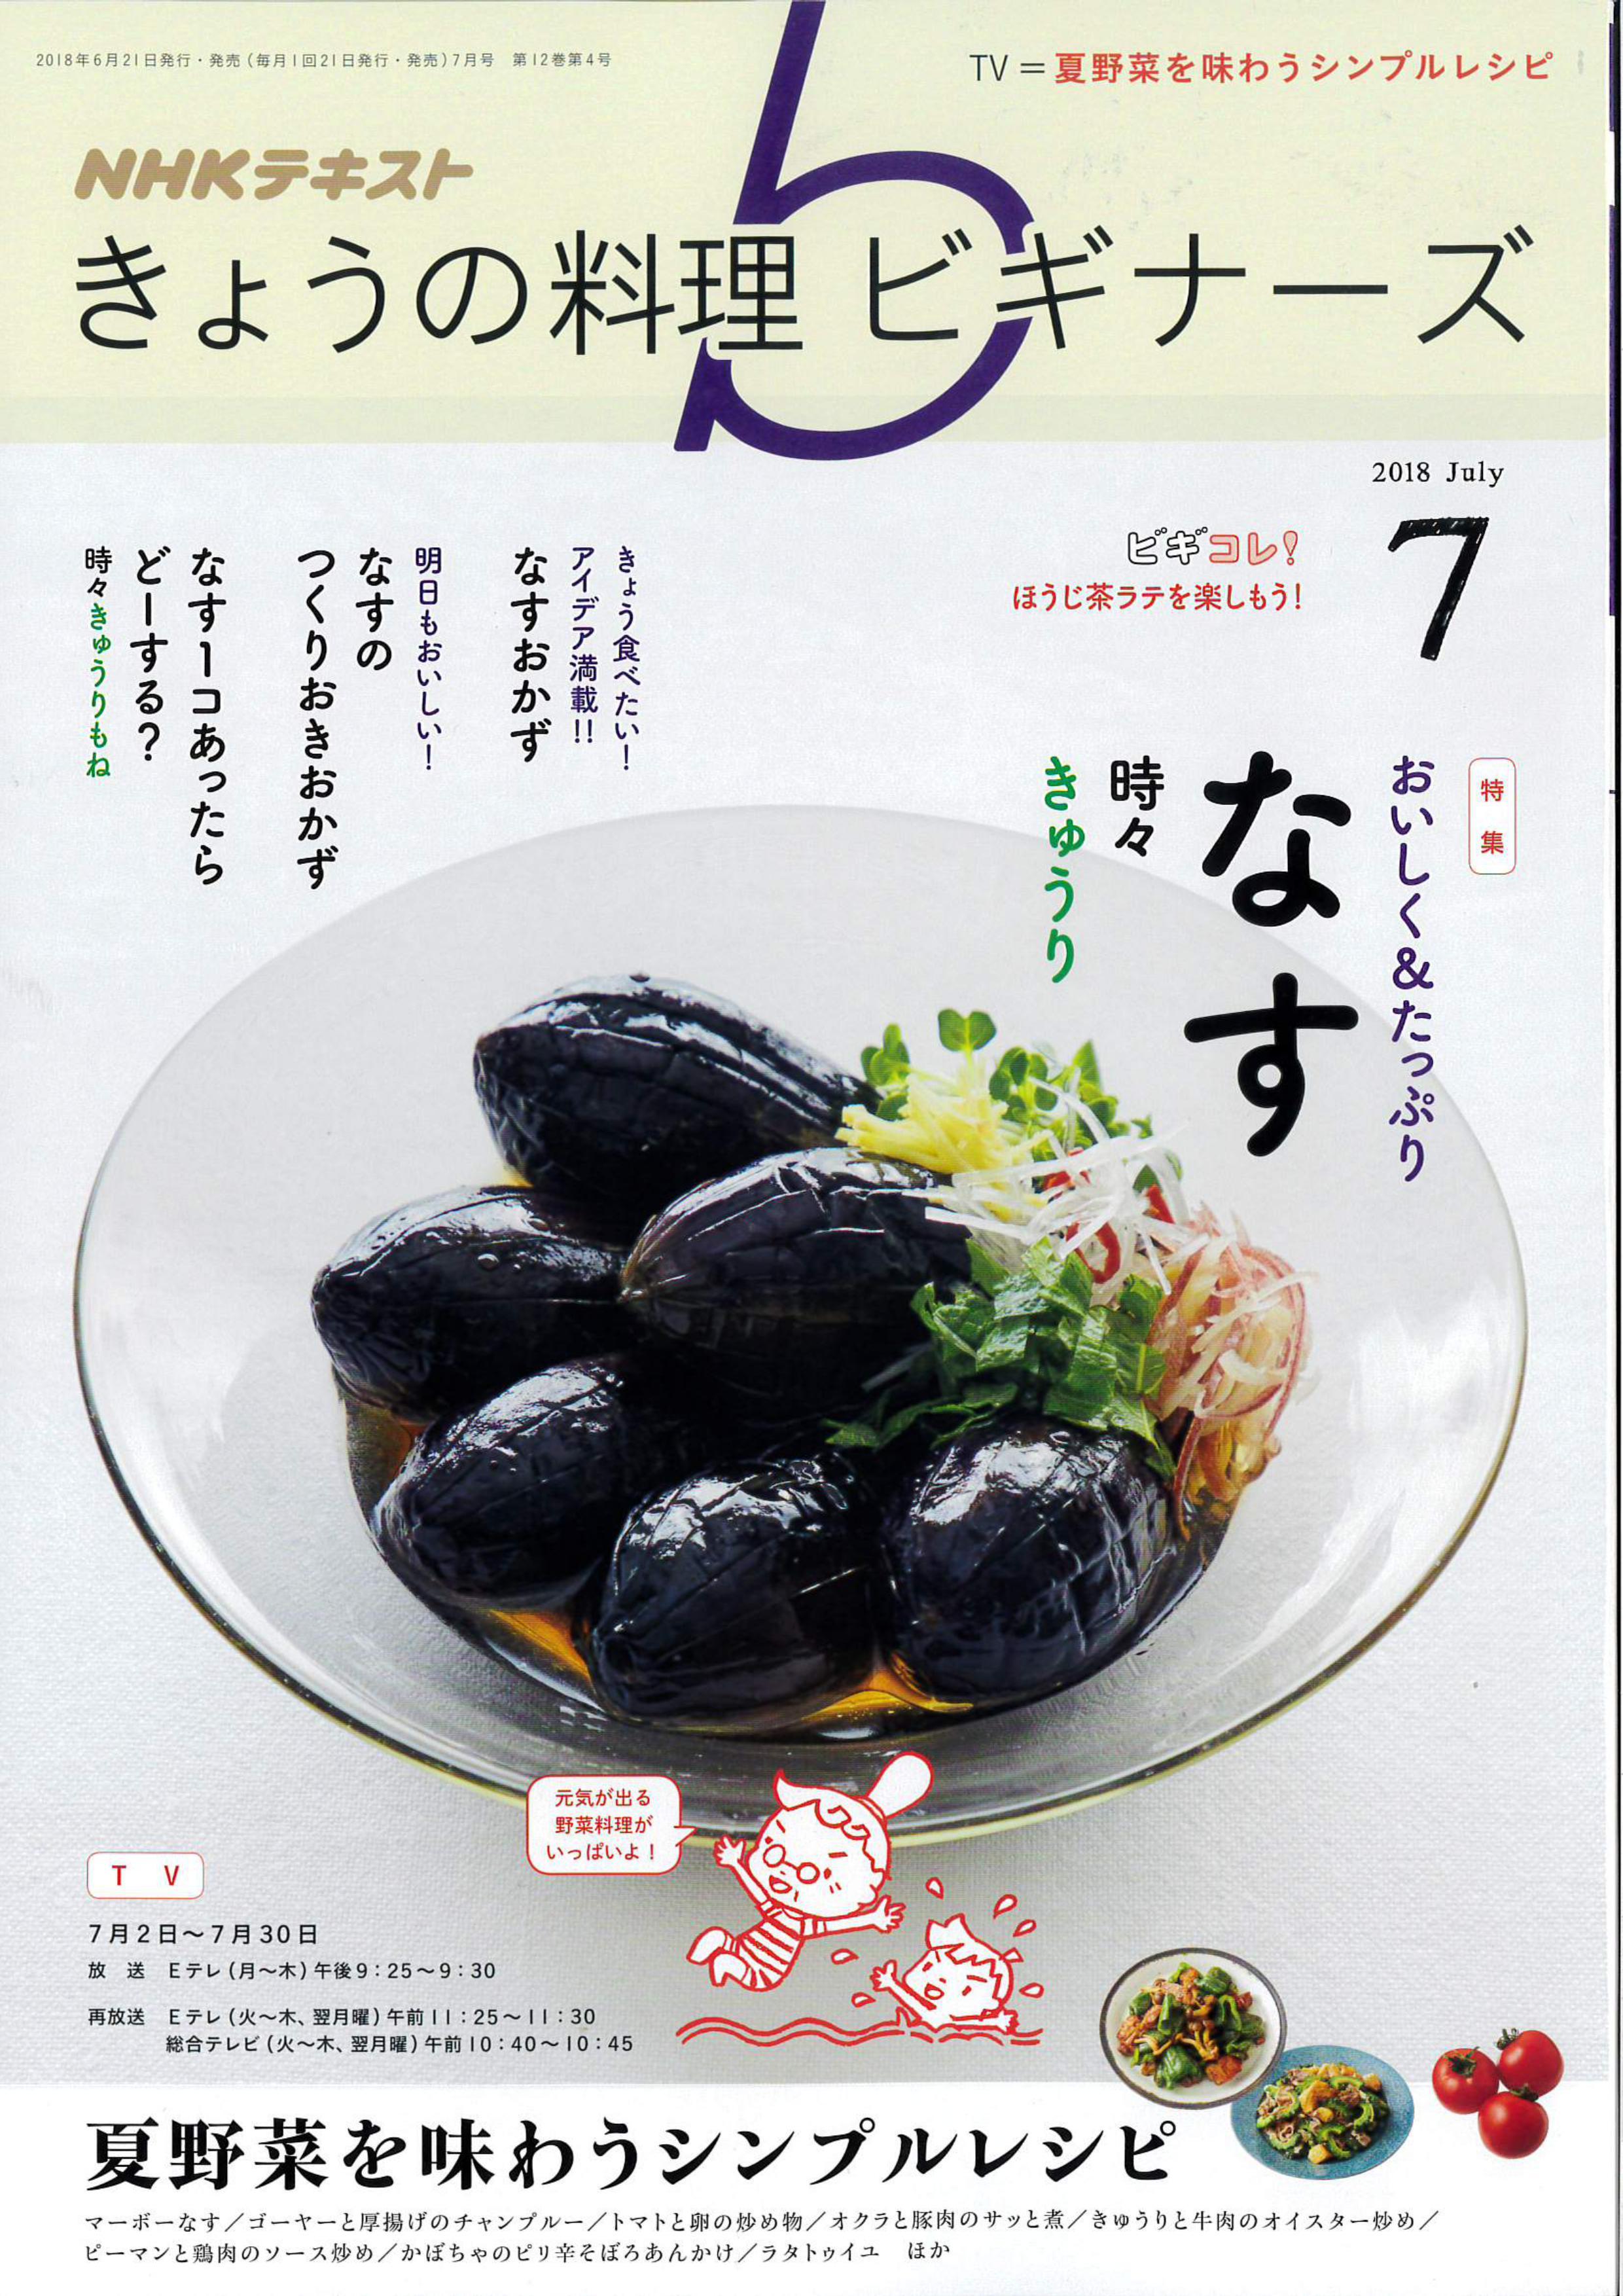 ヤミー:NHK きょうの料理ビギナーズ 7月号(2018年6月21日発売)「なす特集」レシピが掲載されました